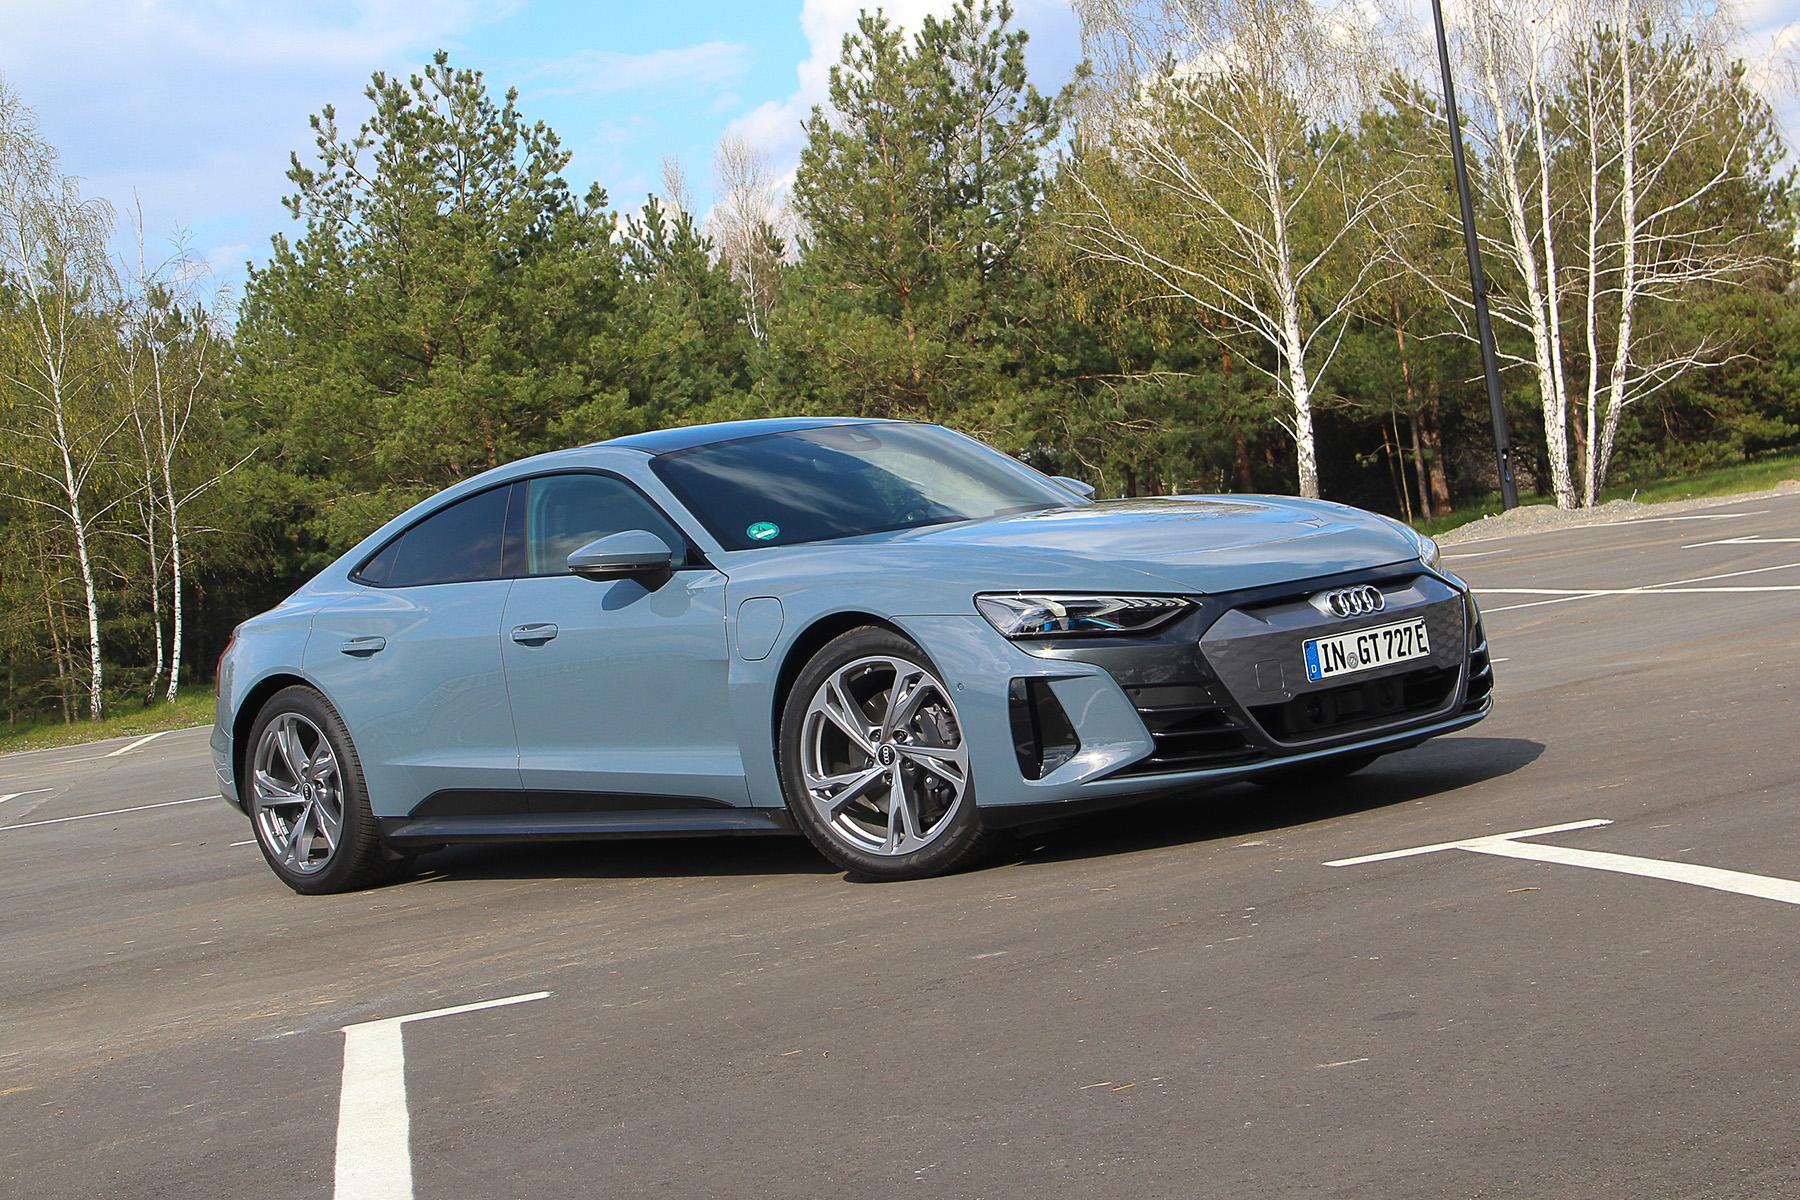 Тест-драйв Audi e-tron GT quattro: спортивный электромобиль на каждый день?